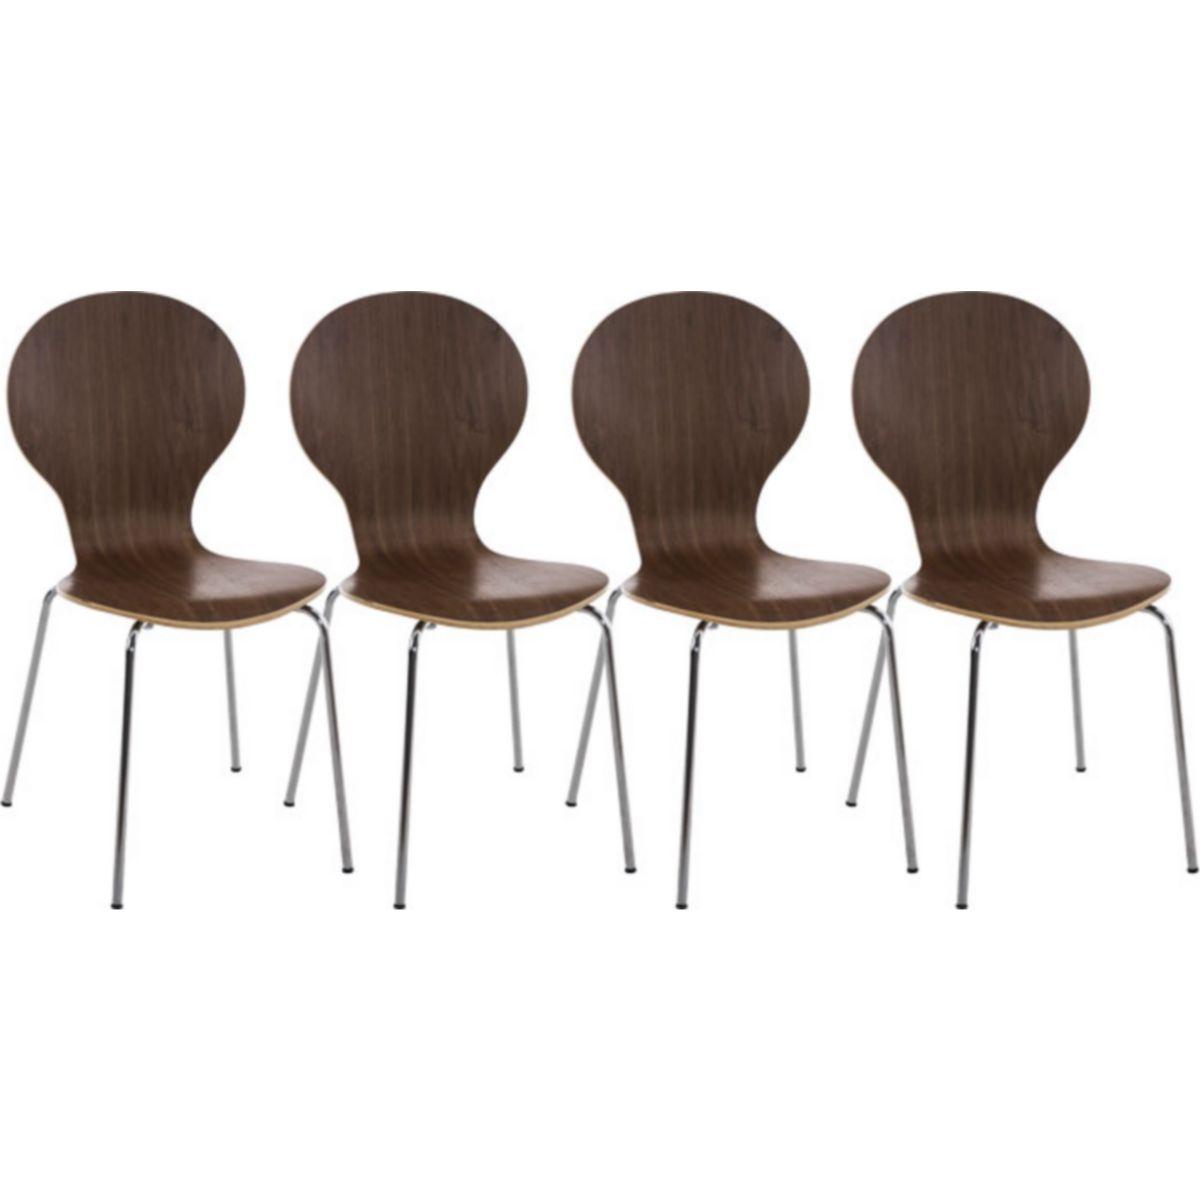 4 x Stapelstuhl DIEGO mit Holzsitz & ergonomisch geformter Sitzfläche, bis zu 12 Farben wählbar jetztbilligerkaufen